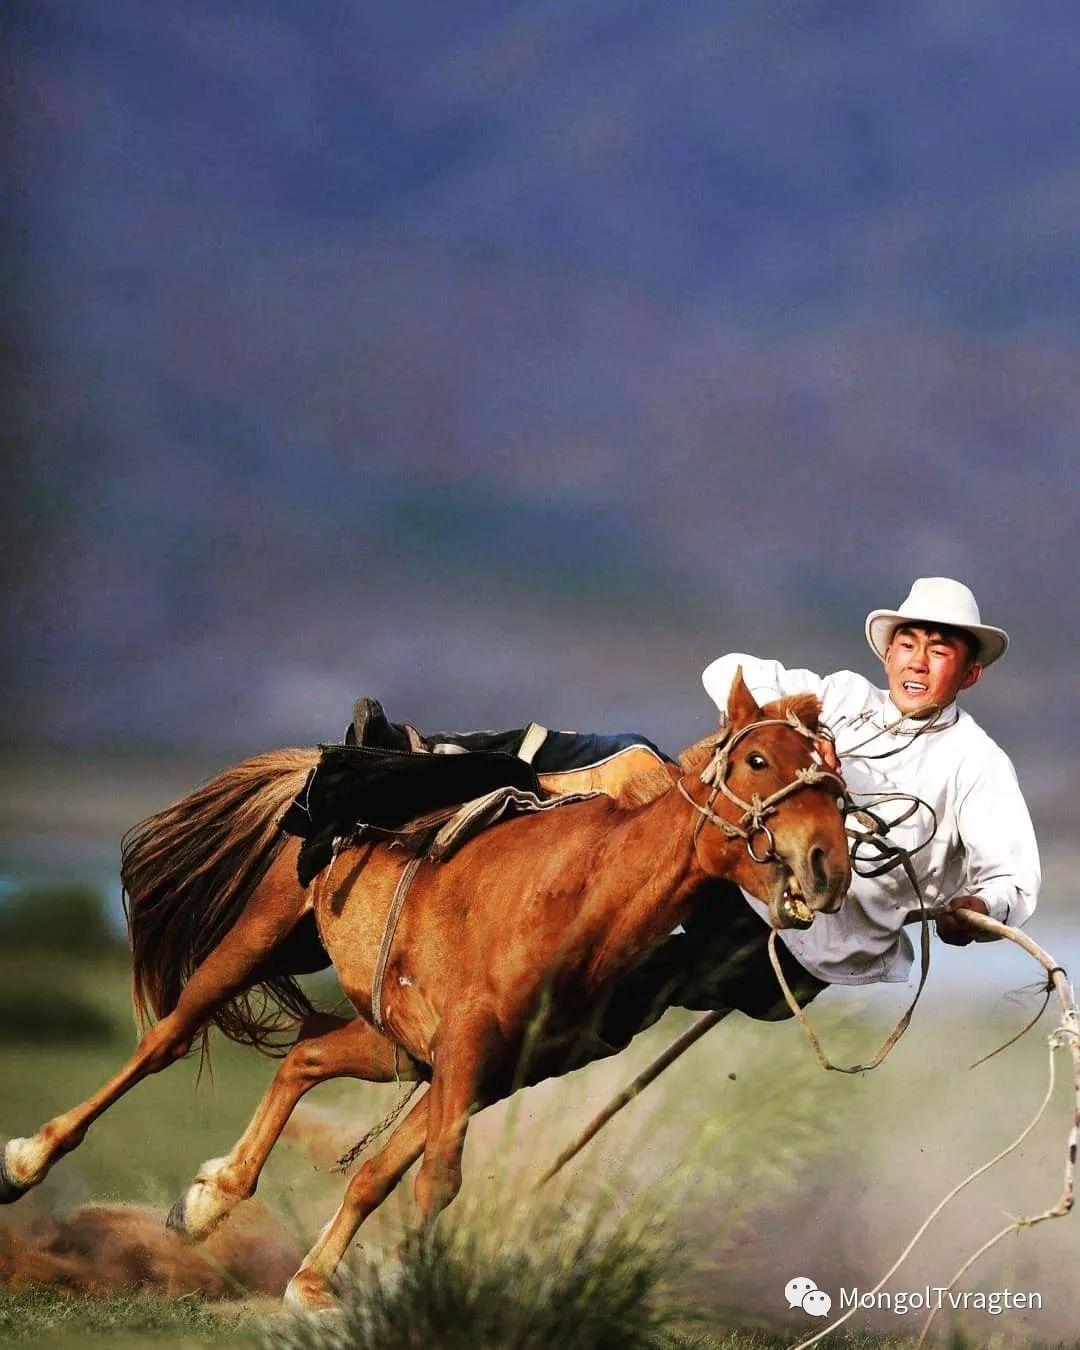 蒙古影像-ch ganbat 第2张